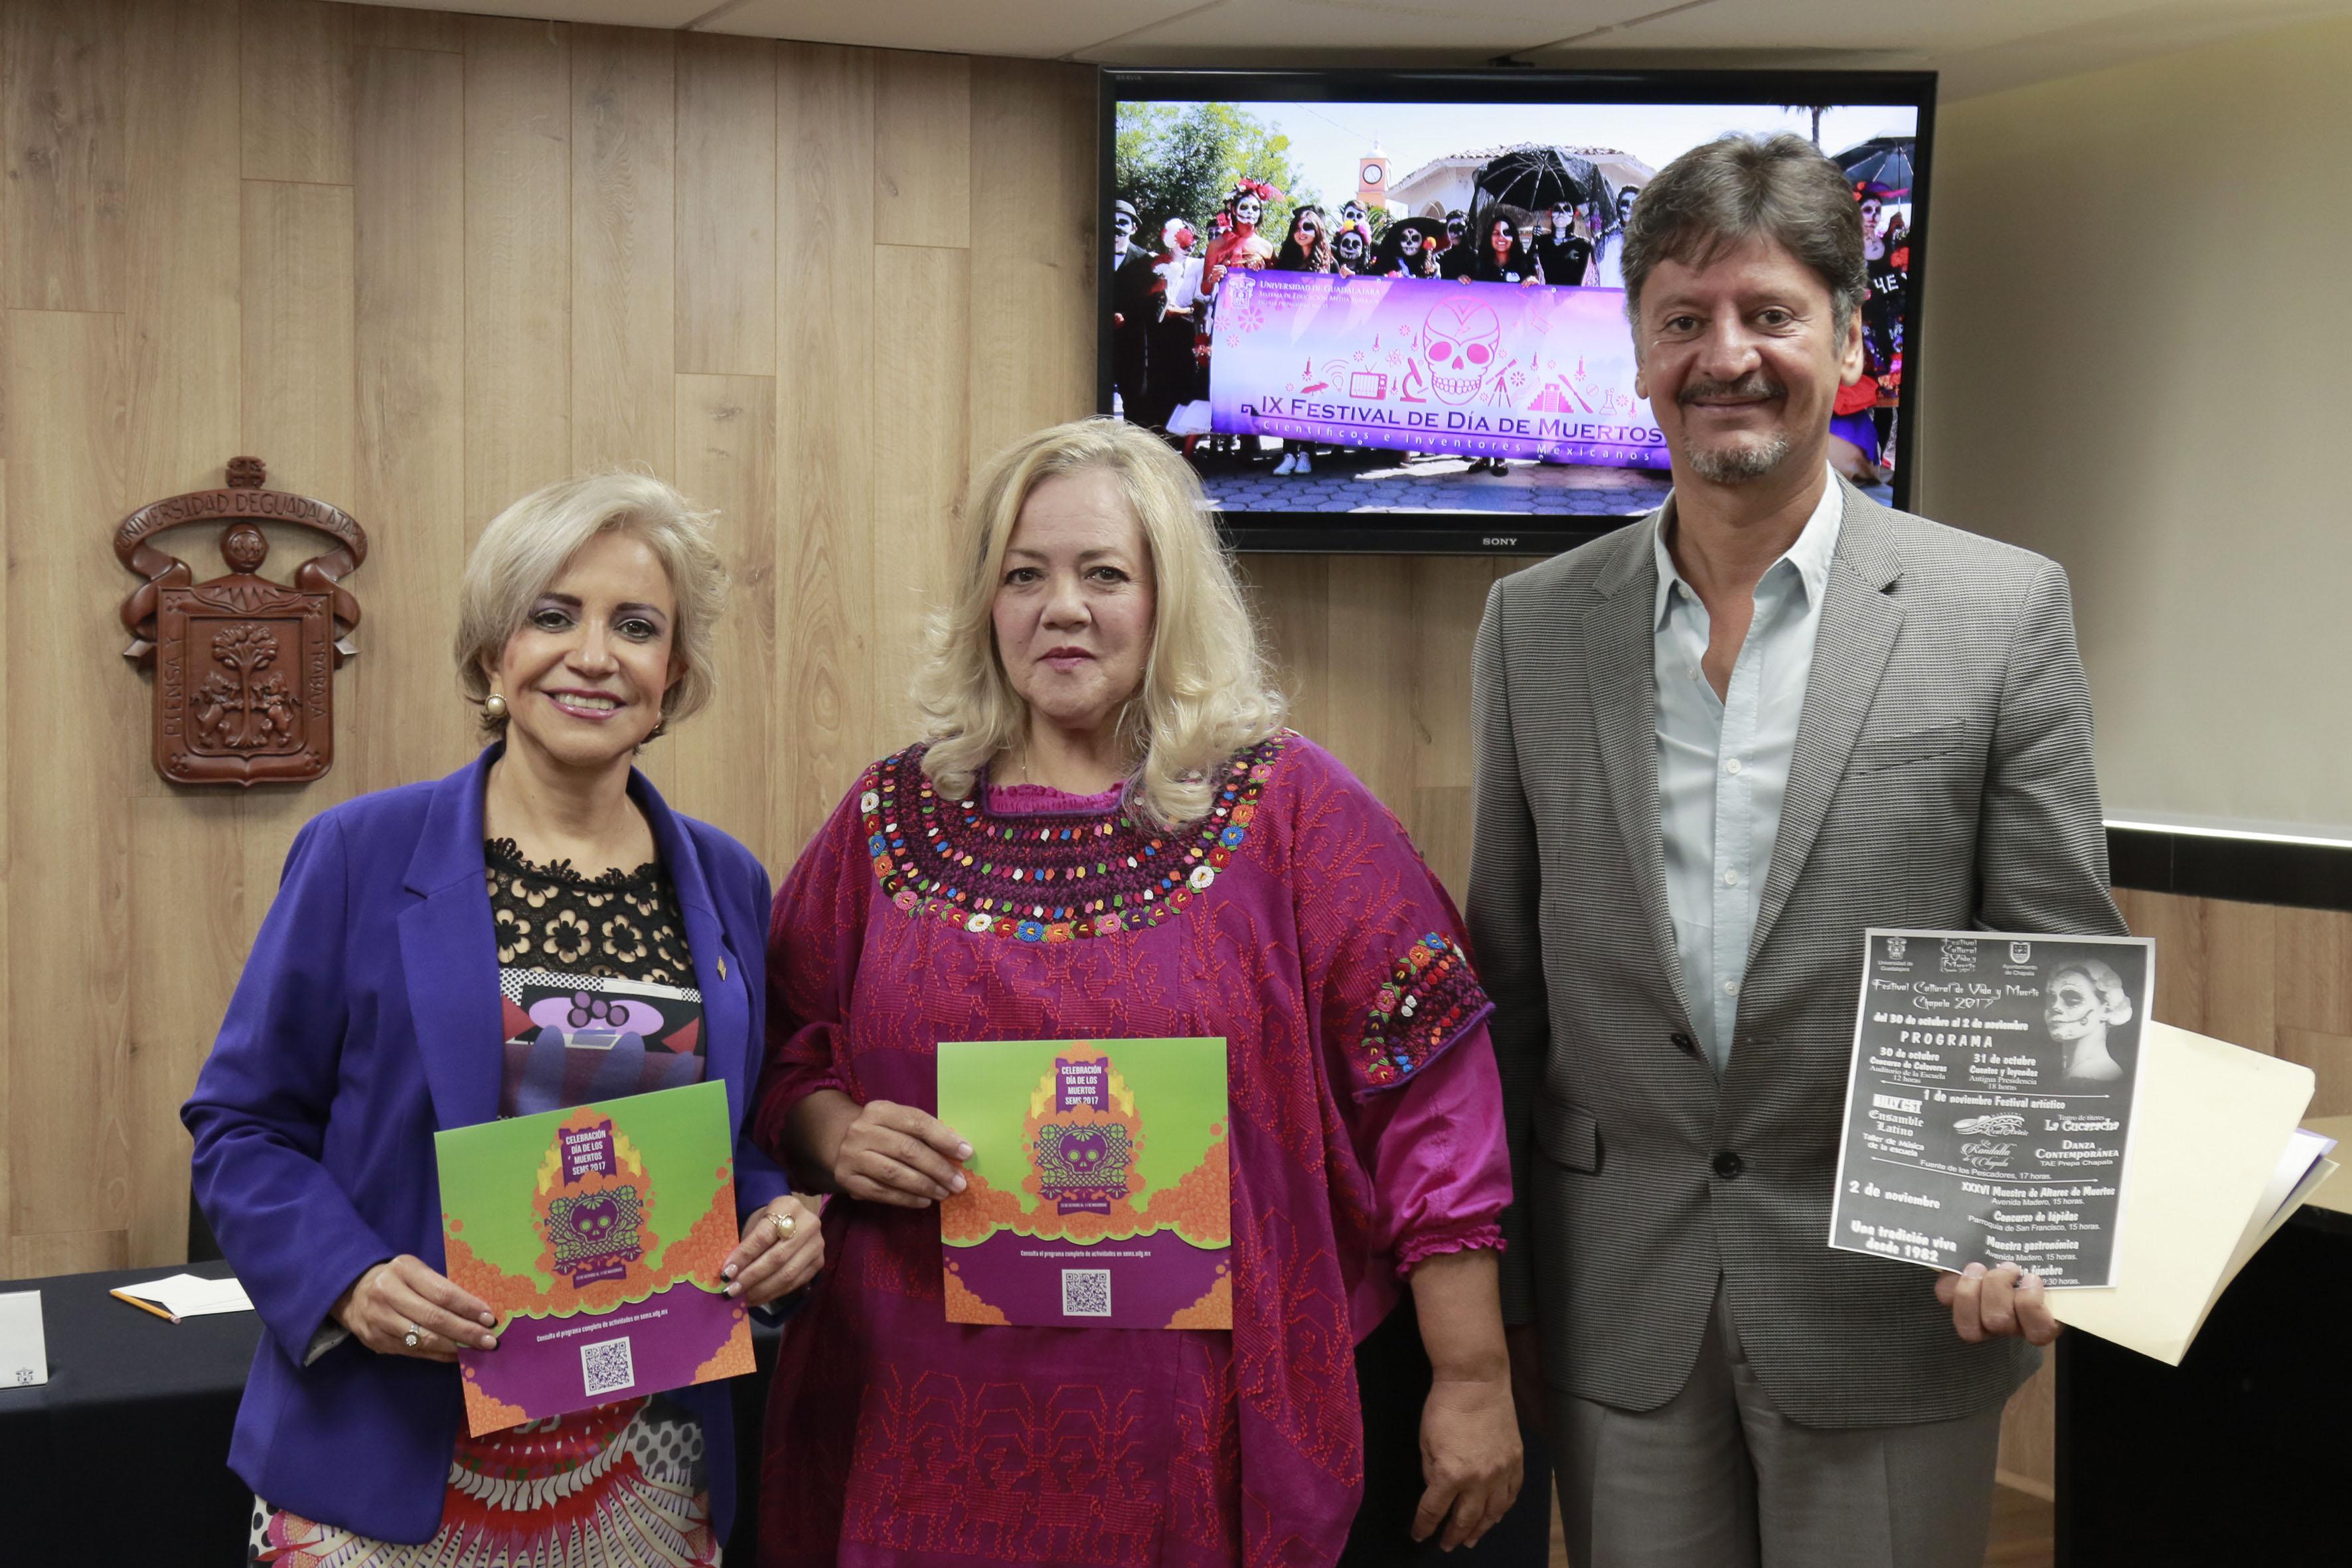 Participantes a la rueda de prensa mostrando el programa del XII Festival del Día de Muertos